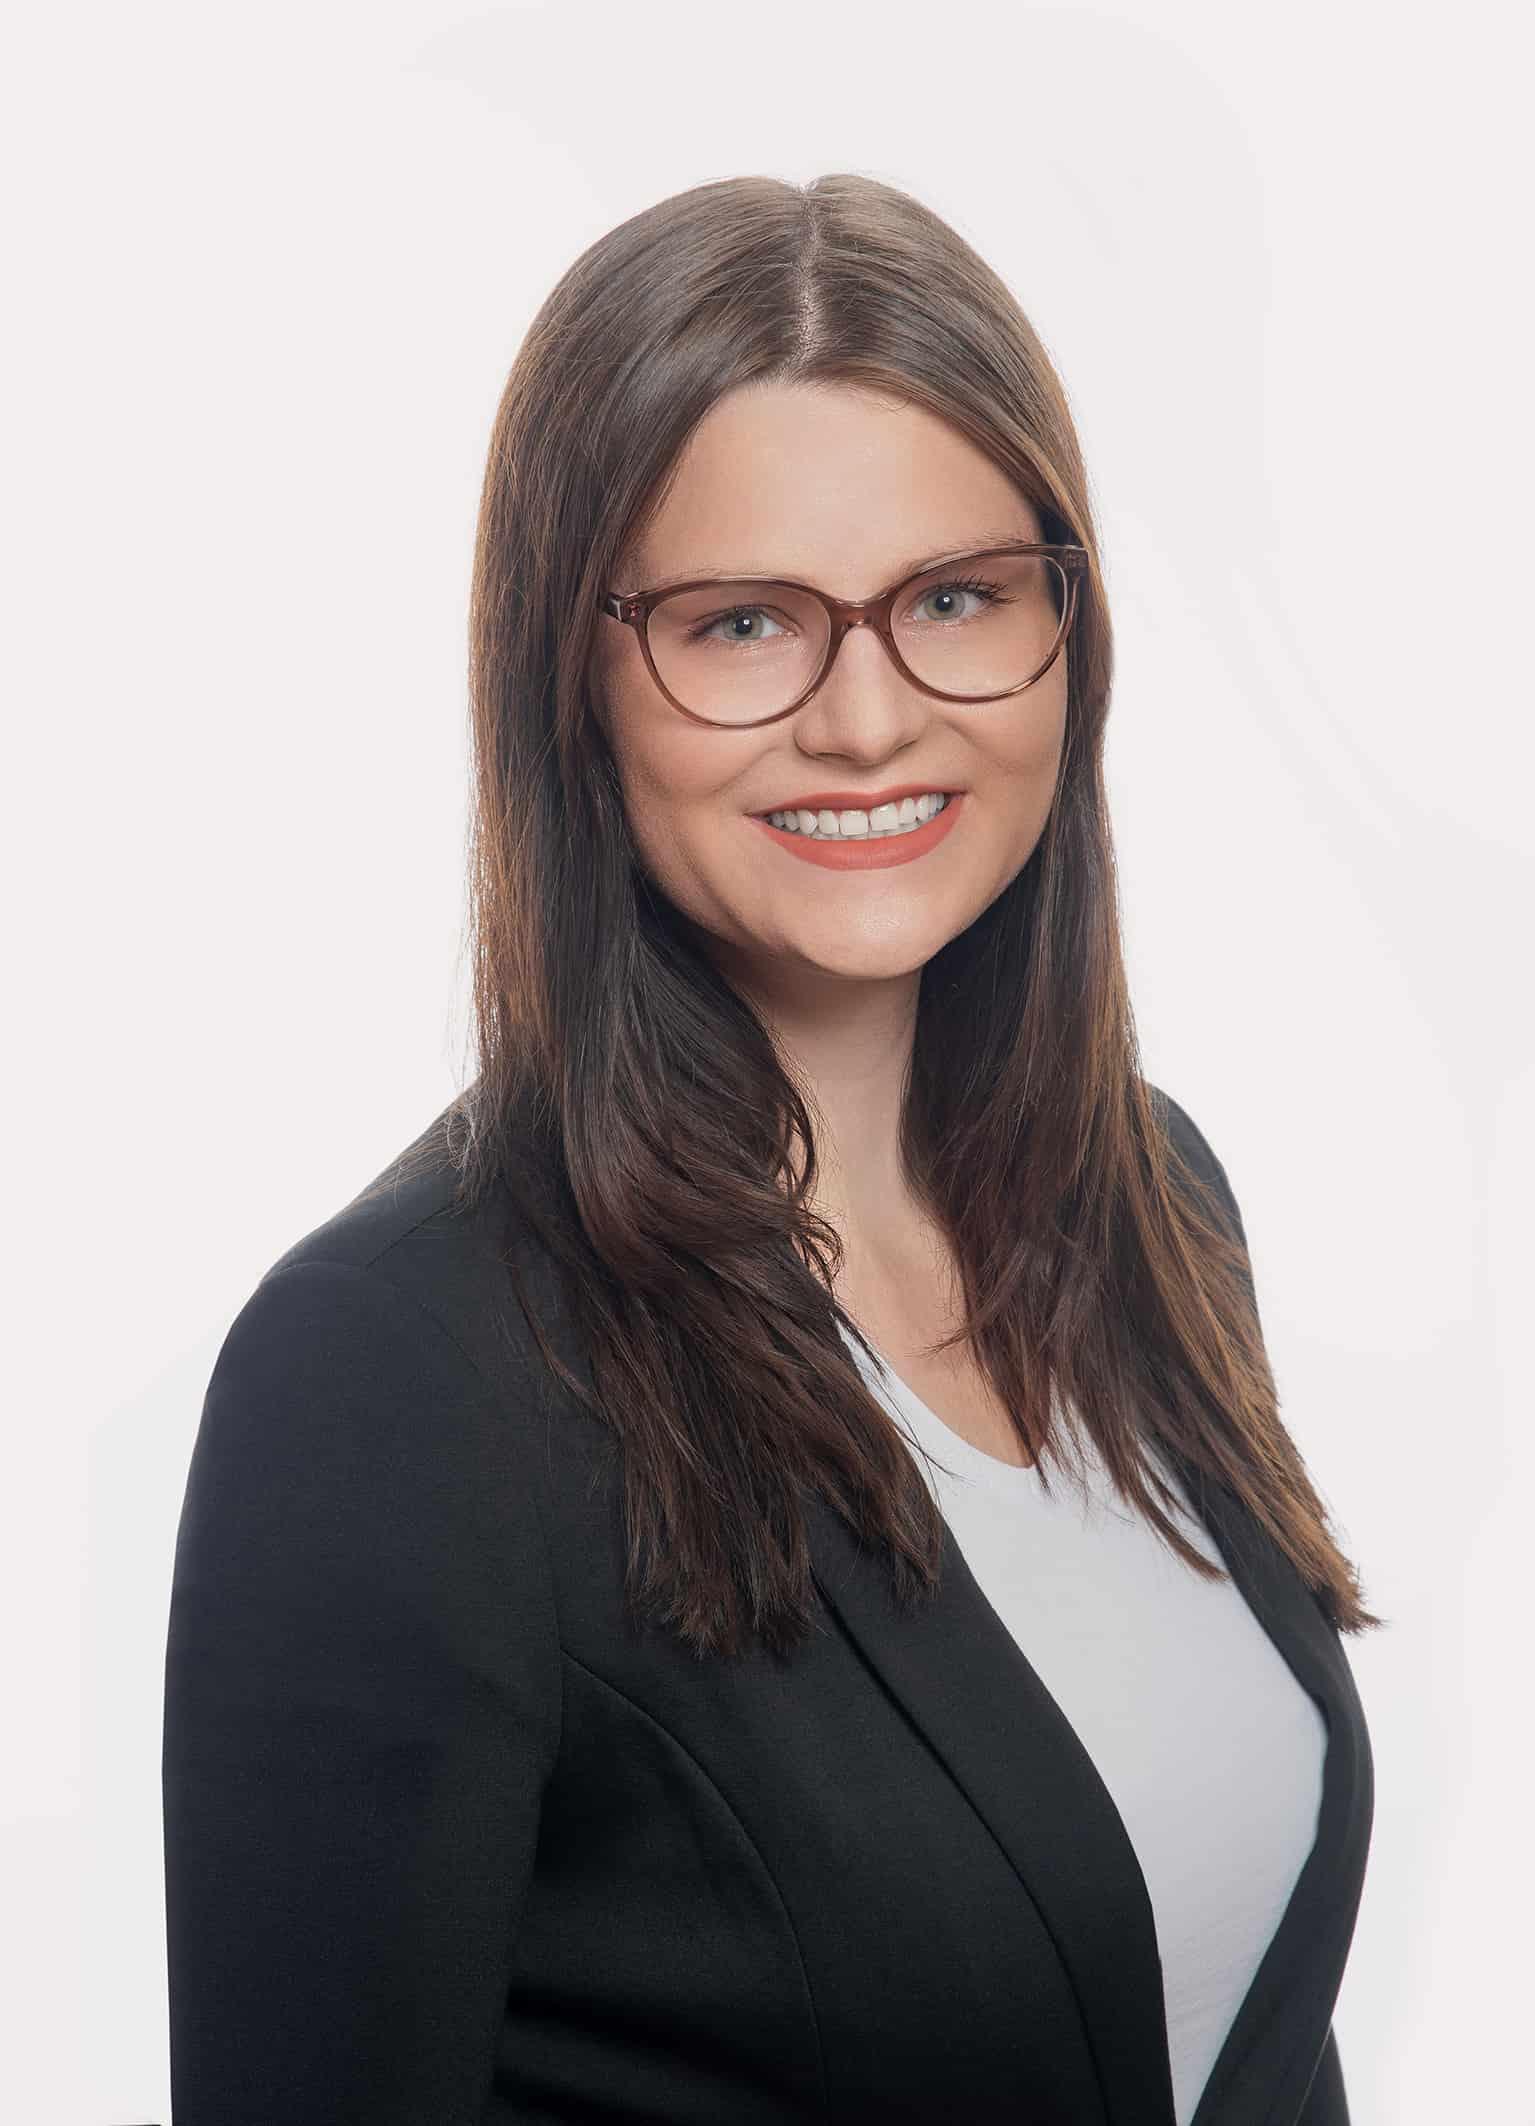 Gina Hoffmann